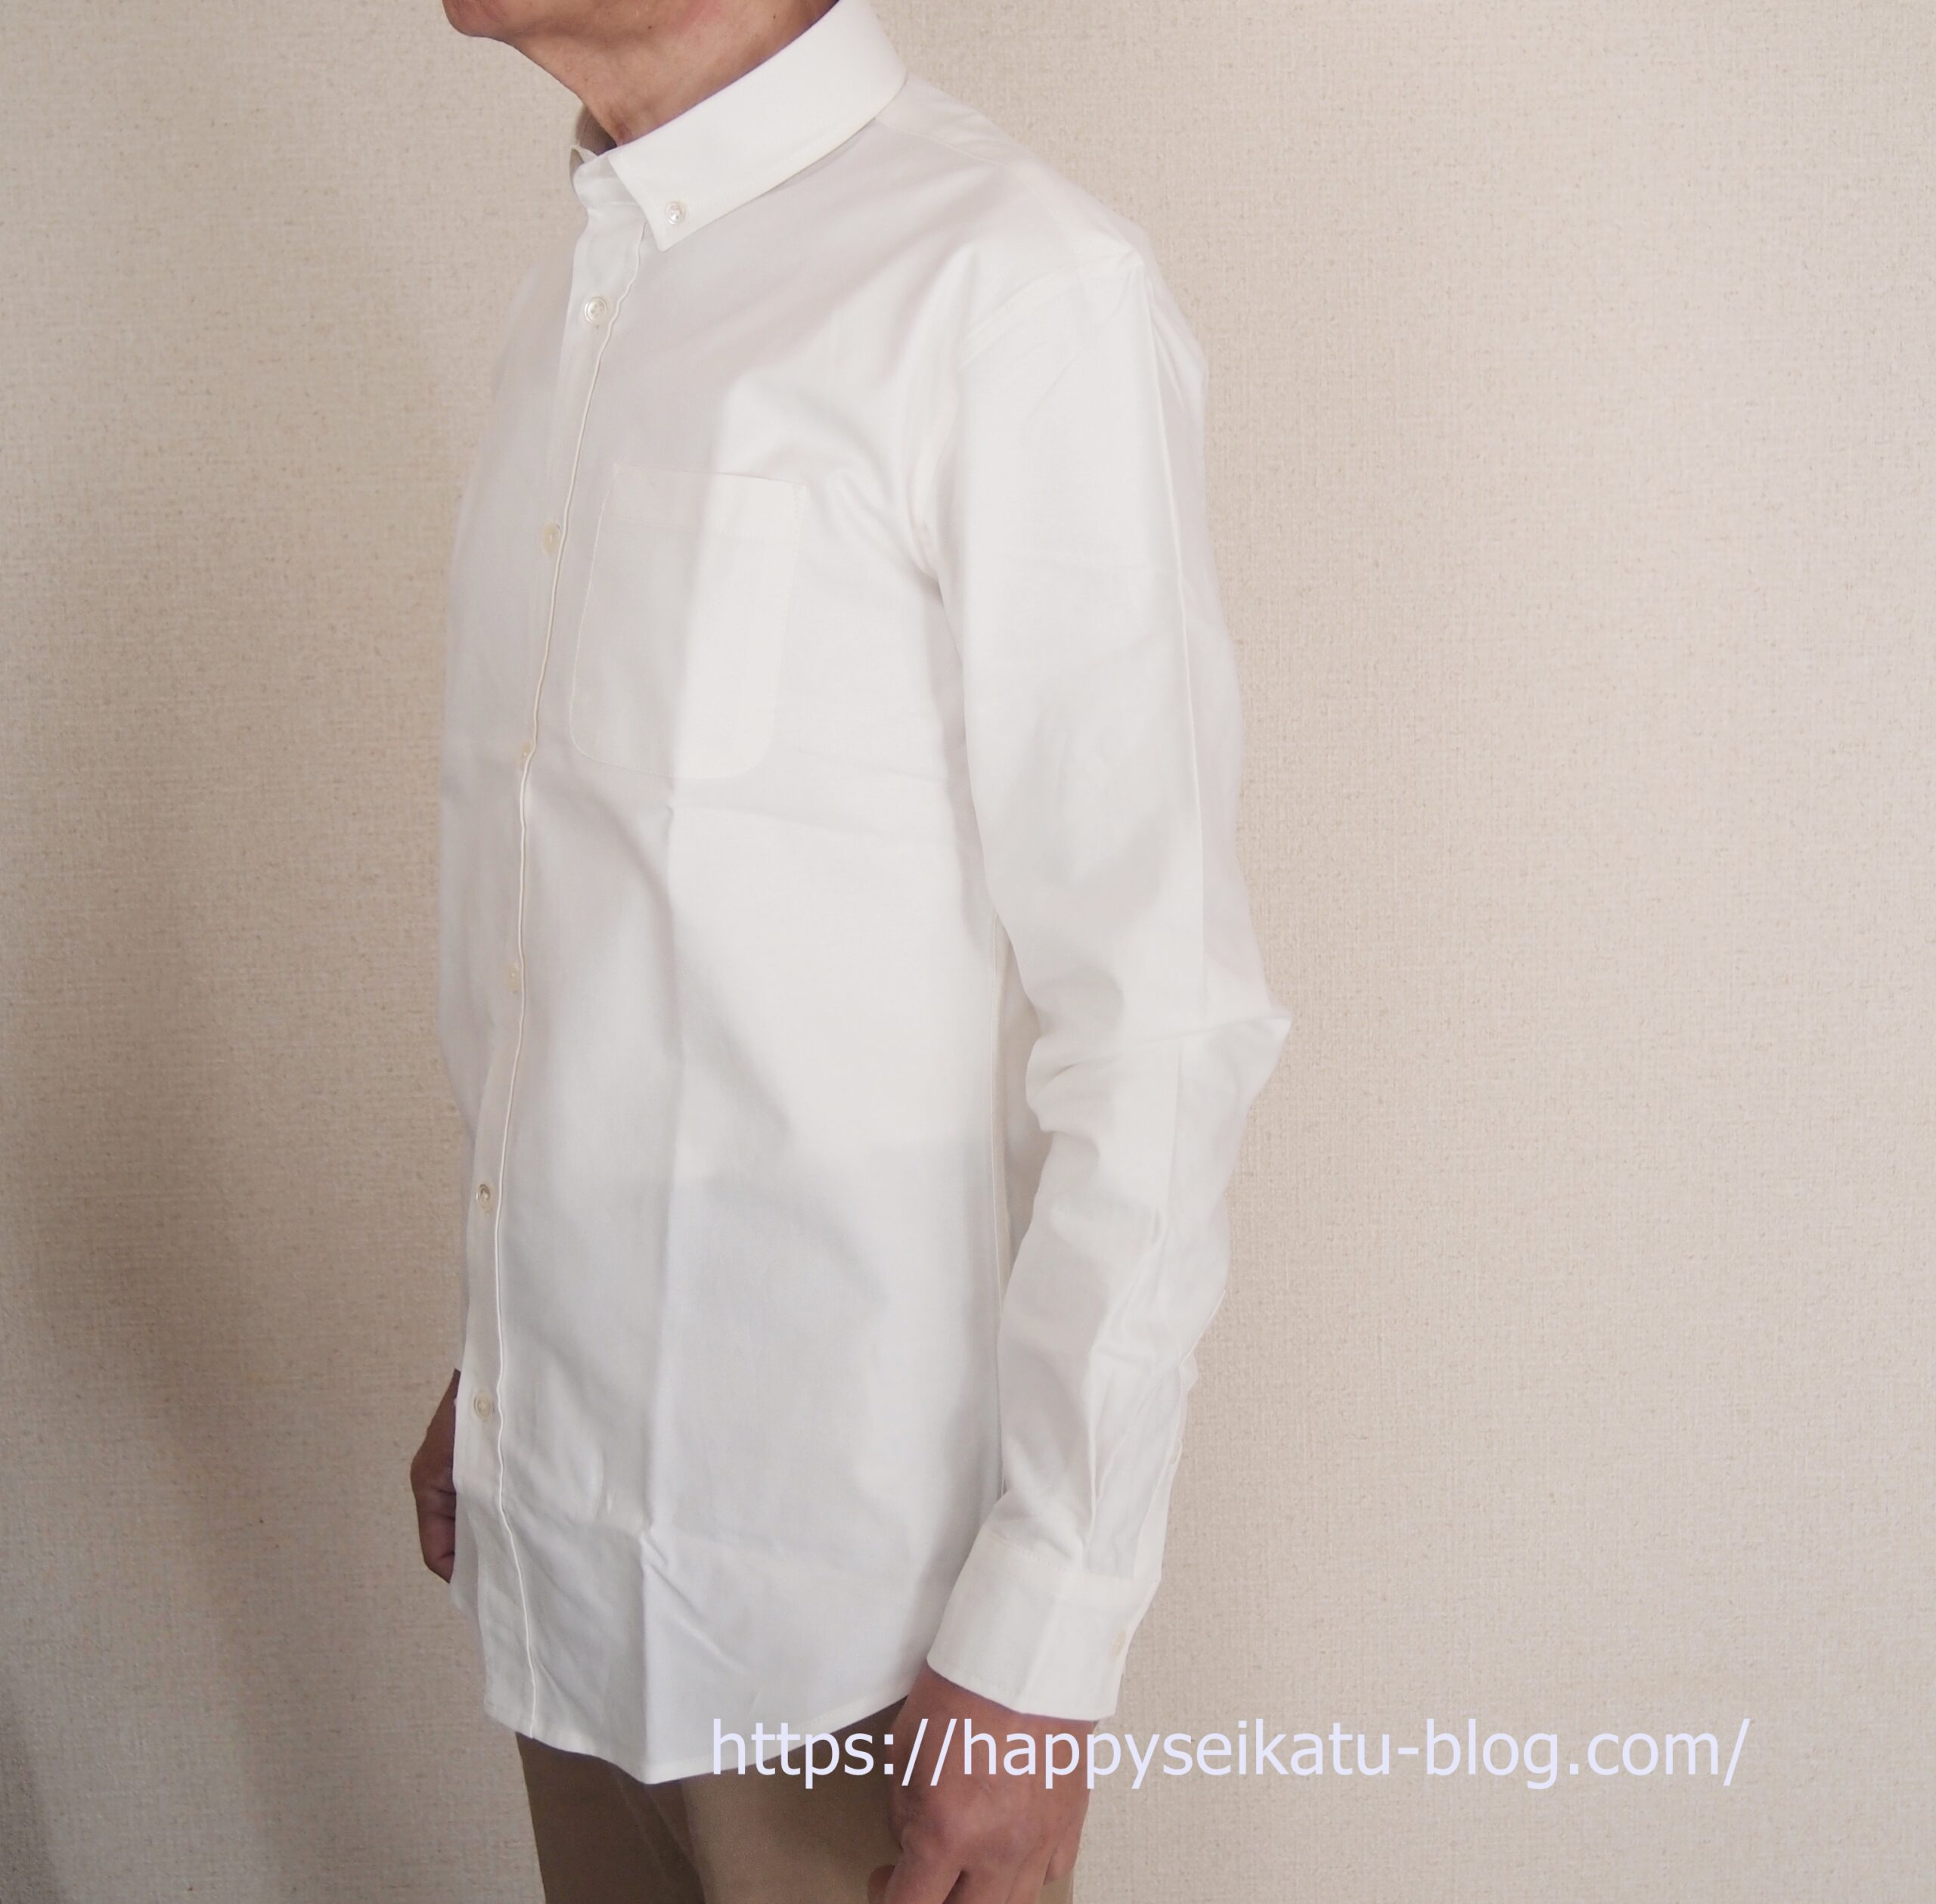 メンズファッション通販 オックスフォードシャツ